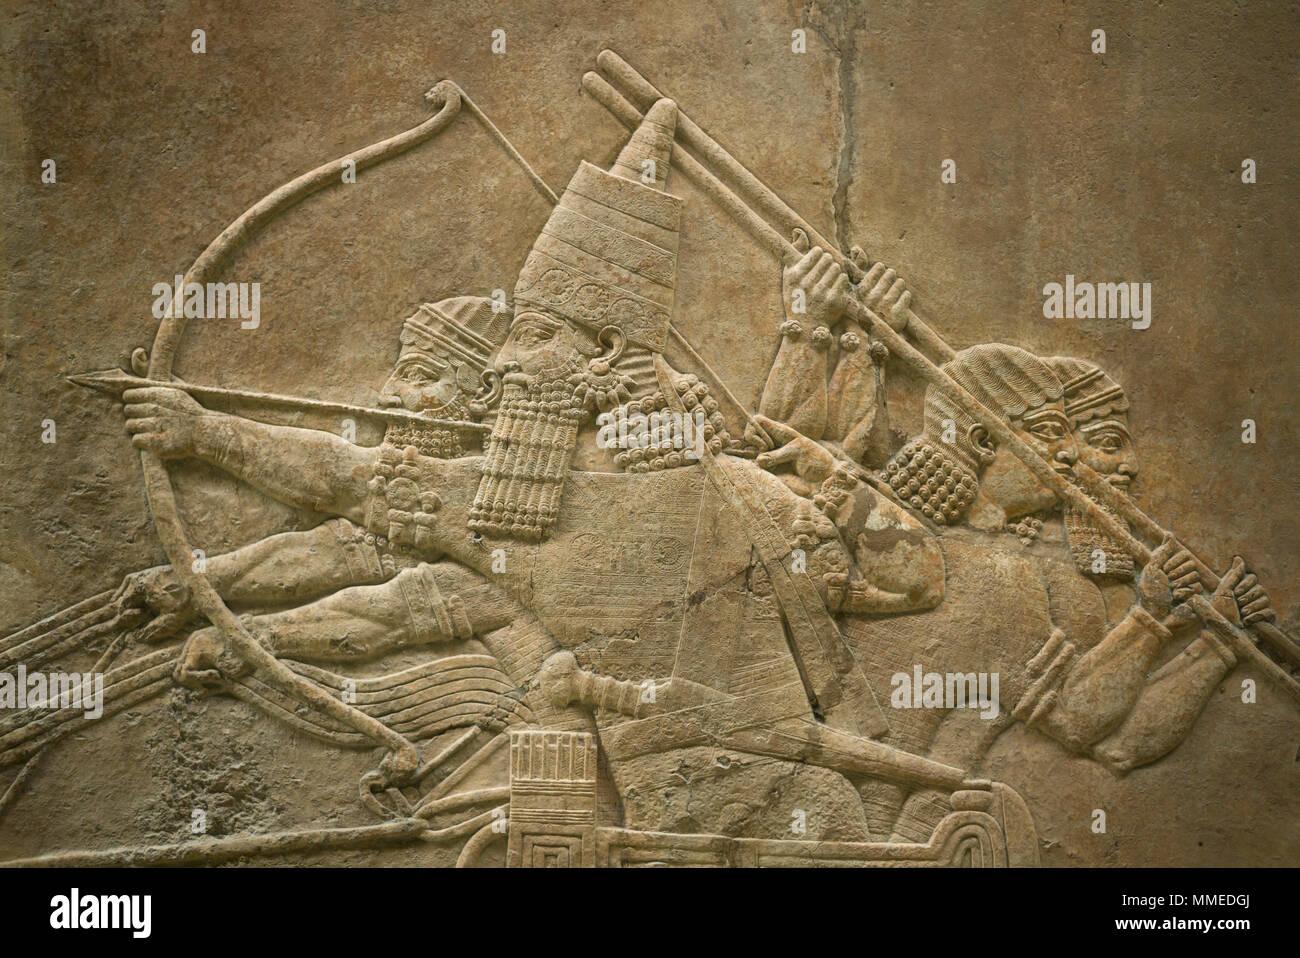 Londres. Inglaterra. Museo Británico. El rey Ashurbanipal cazando leones. Panel de pared de piedra de socorro, (645-635 A.C.) desde el norte del Palacio (Sala C, Grupo 7-8), Imagen De Stock